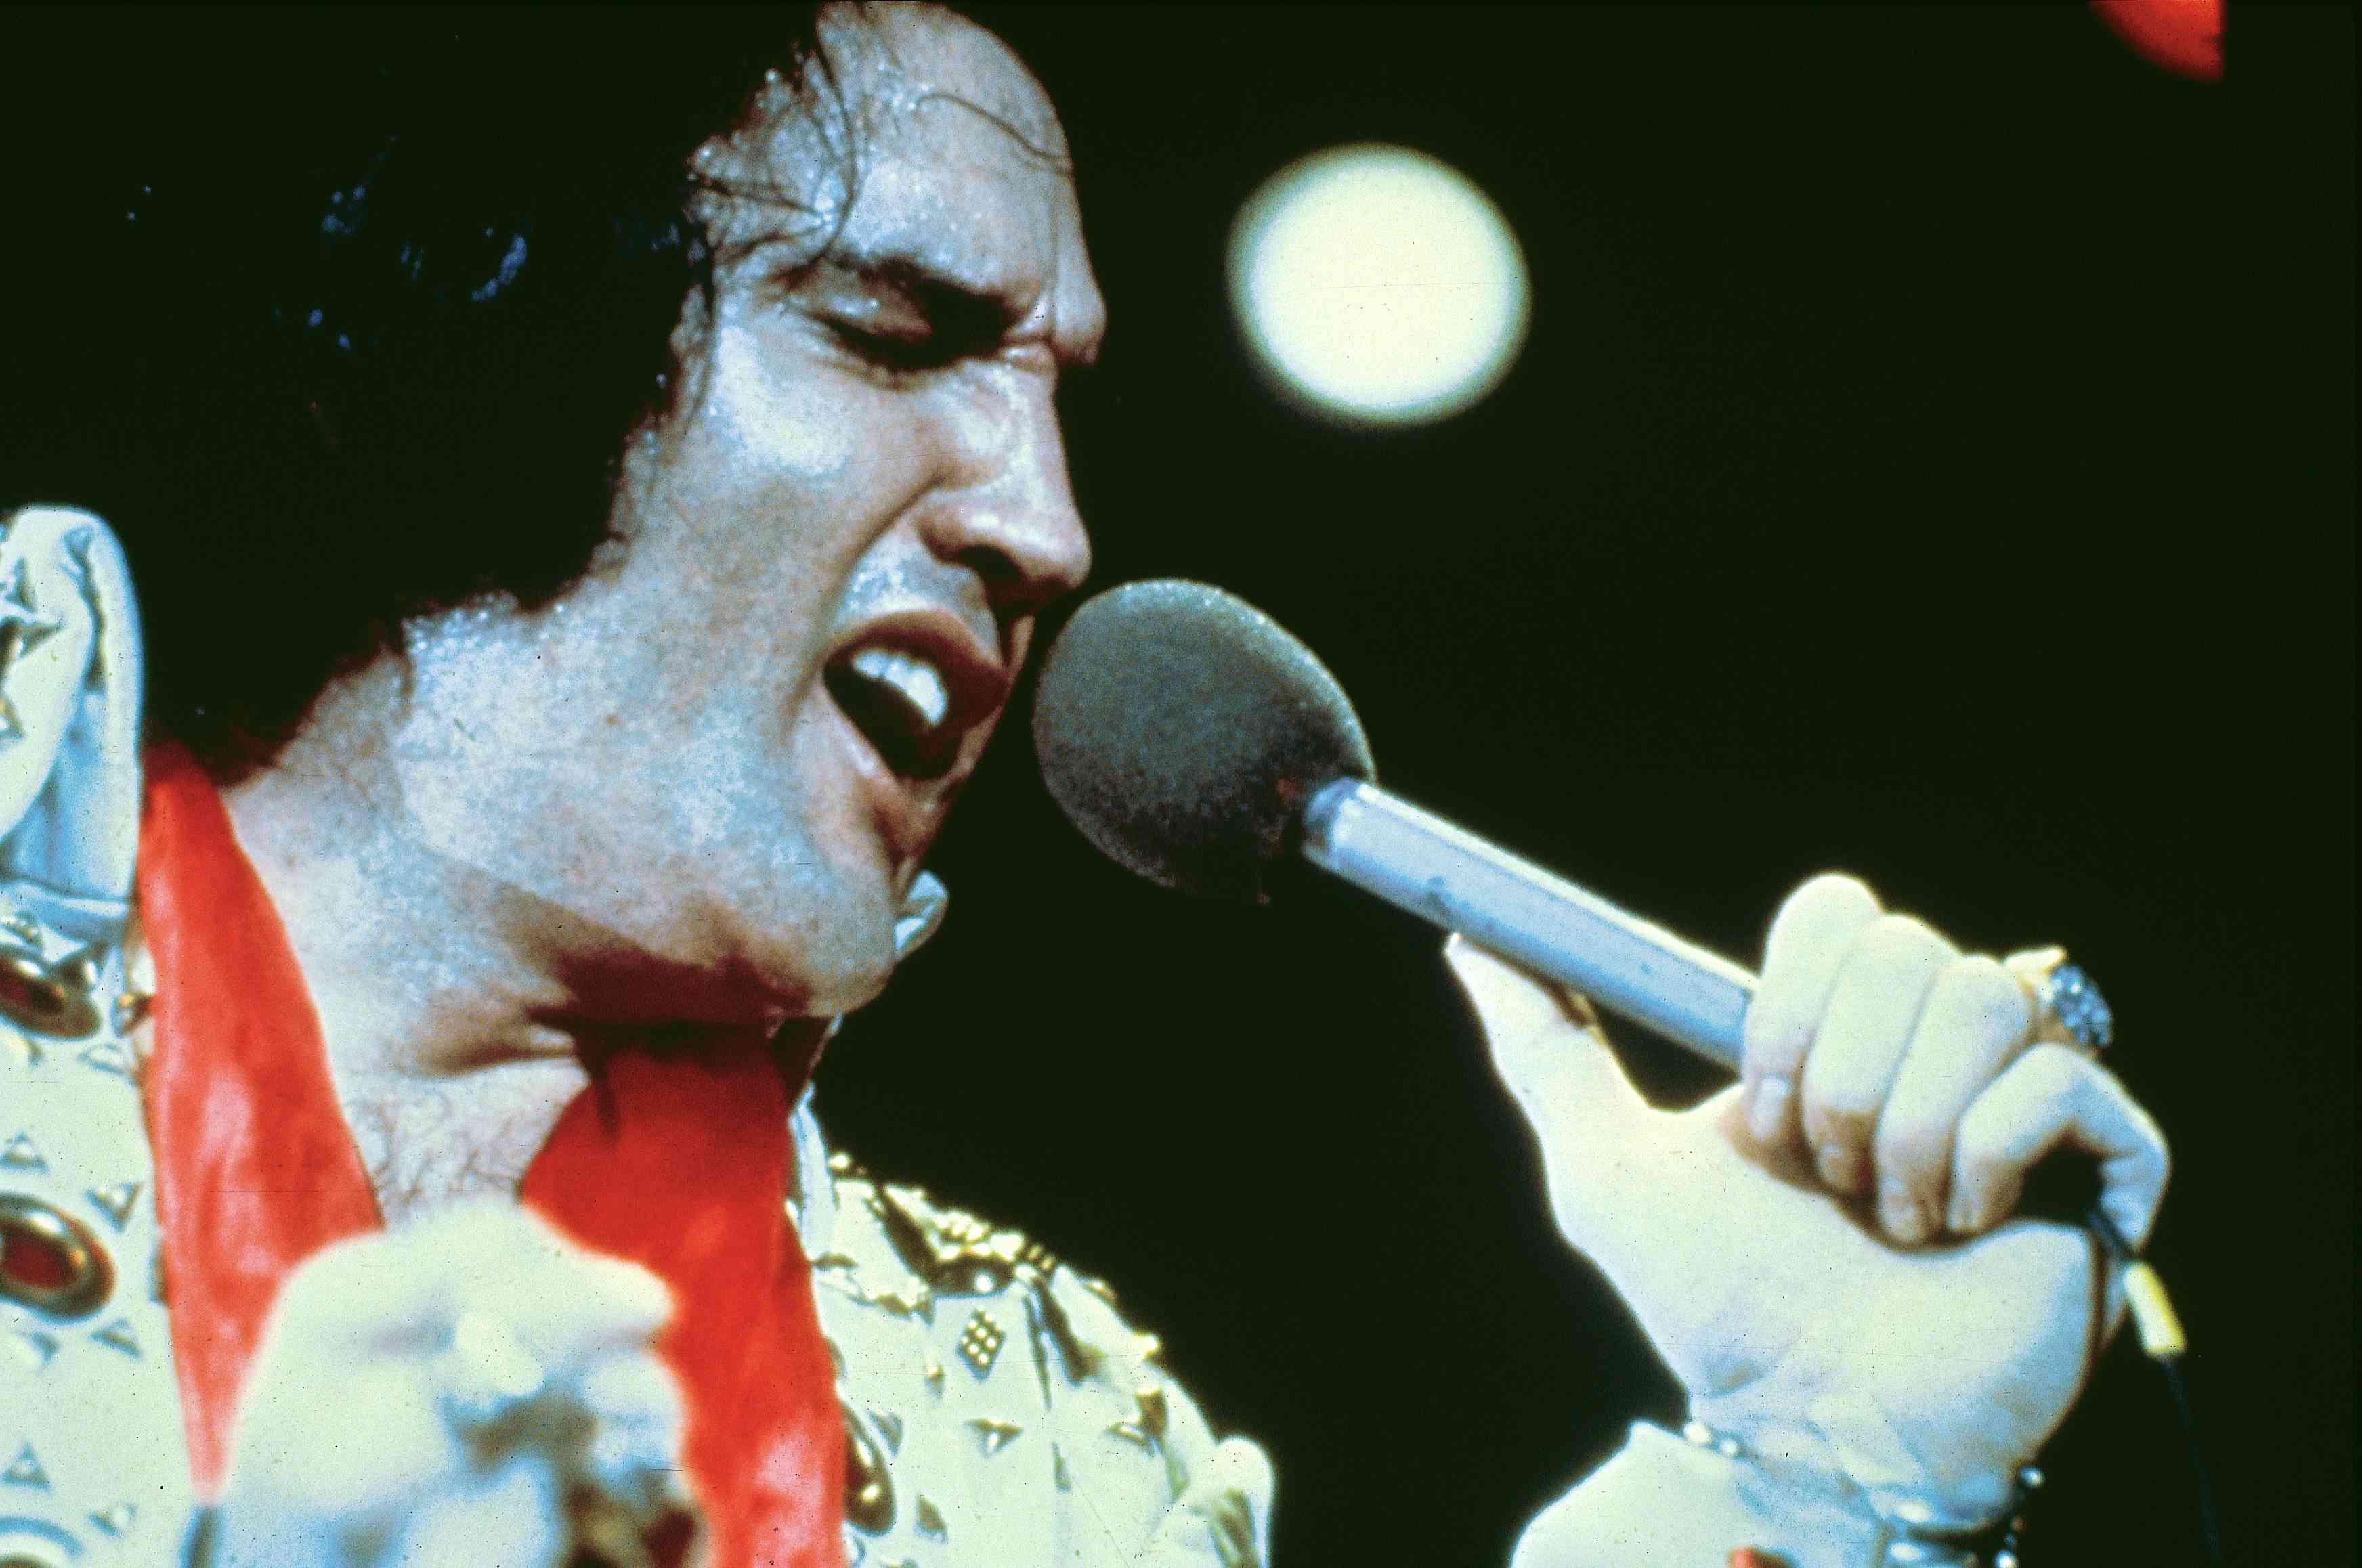 Elvis Presley, actuando en vivo en el escenario